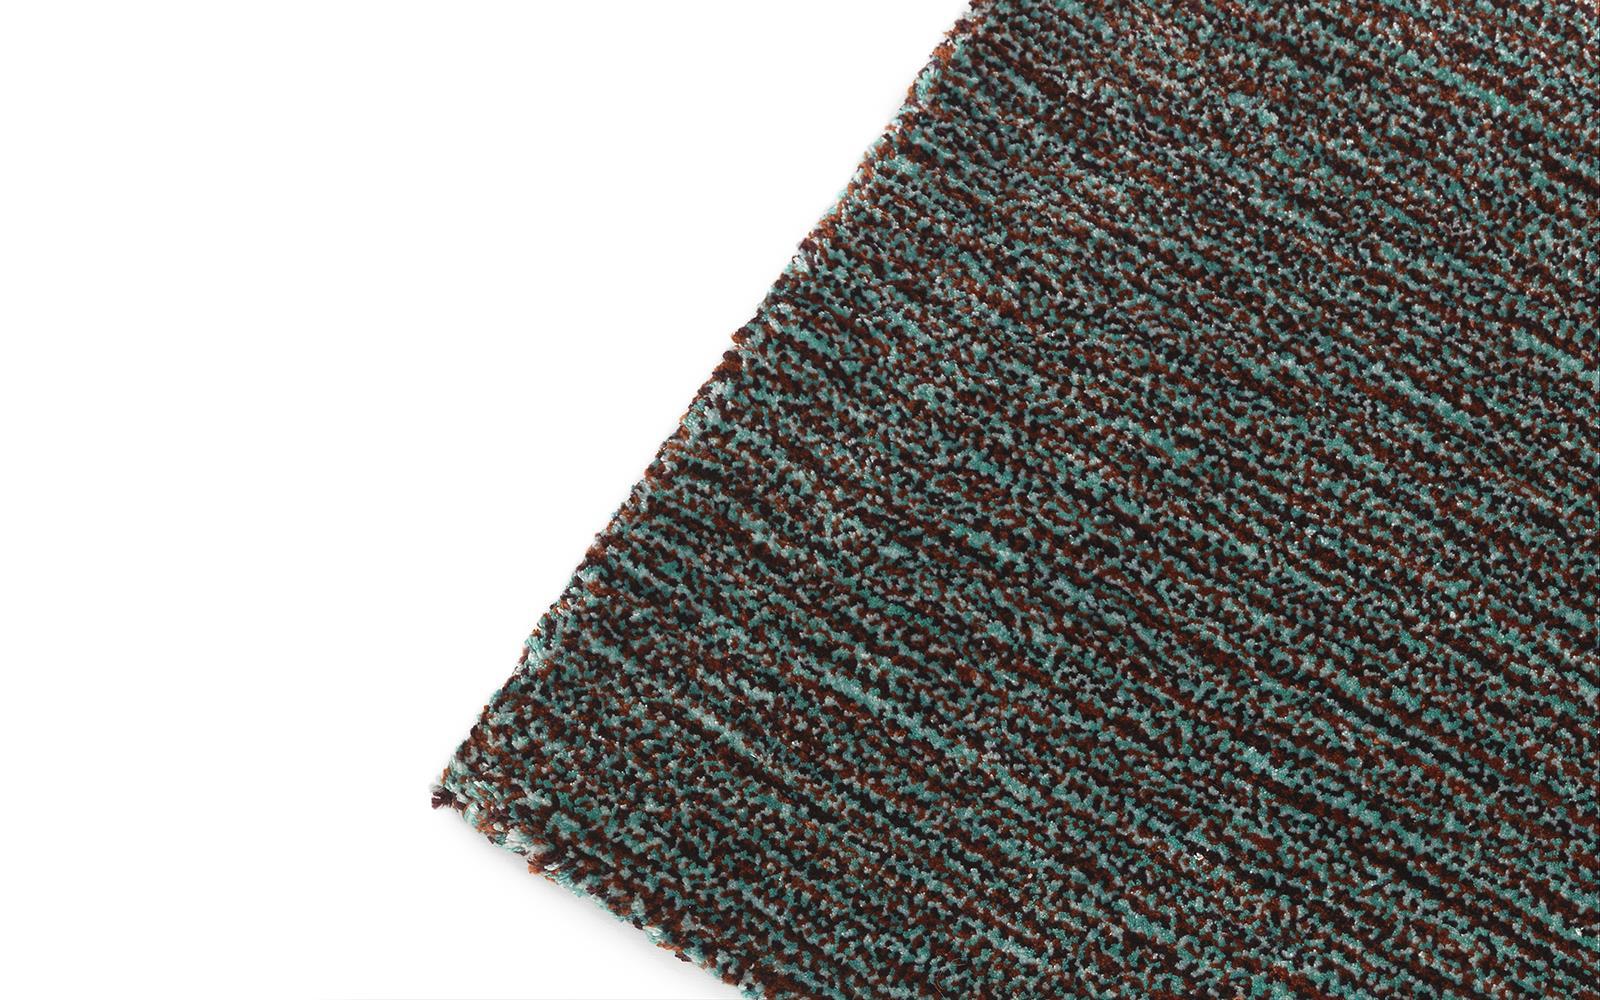 Full Size of Confetti Teppich In Bestechenden Farben Online Shoppen Küche Für Badezimmer Schlafzimmer Wohnzimmer Bad Esstisch Steinteppich Teppiche Wohnzimmer Teppich 300x400